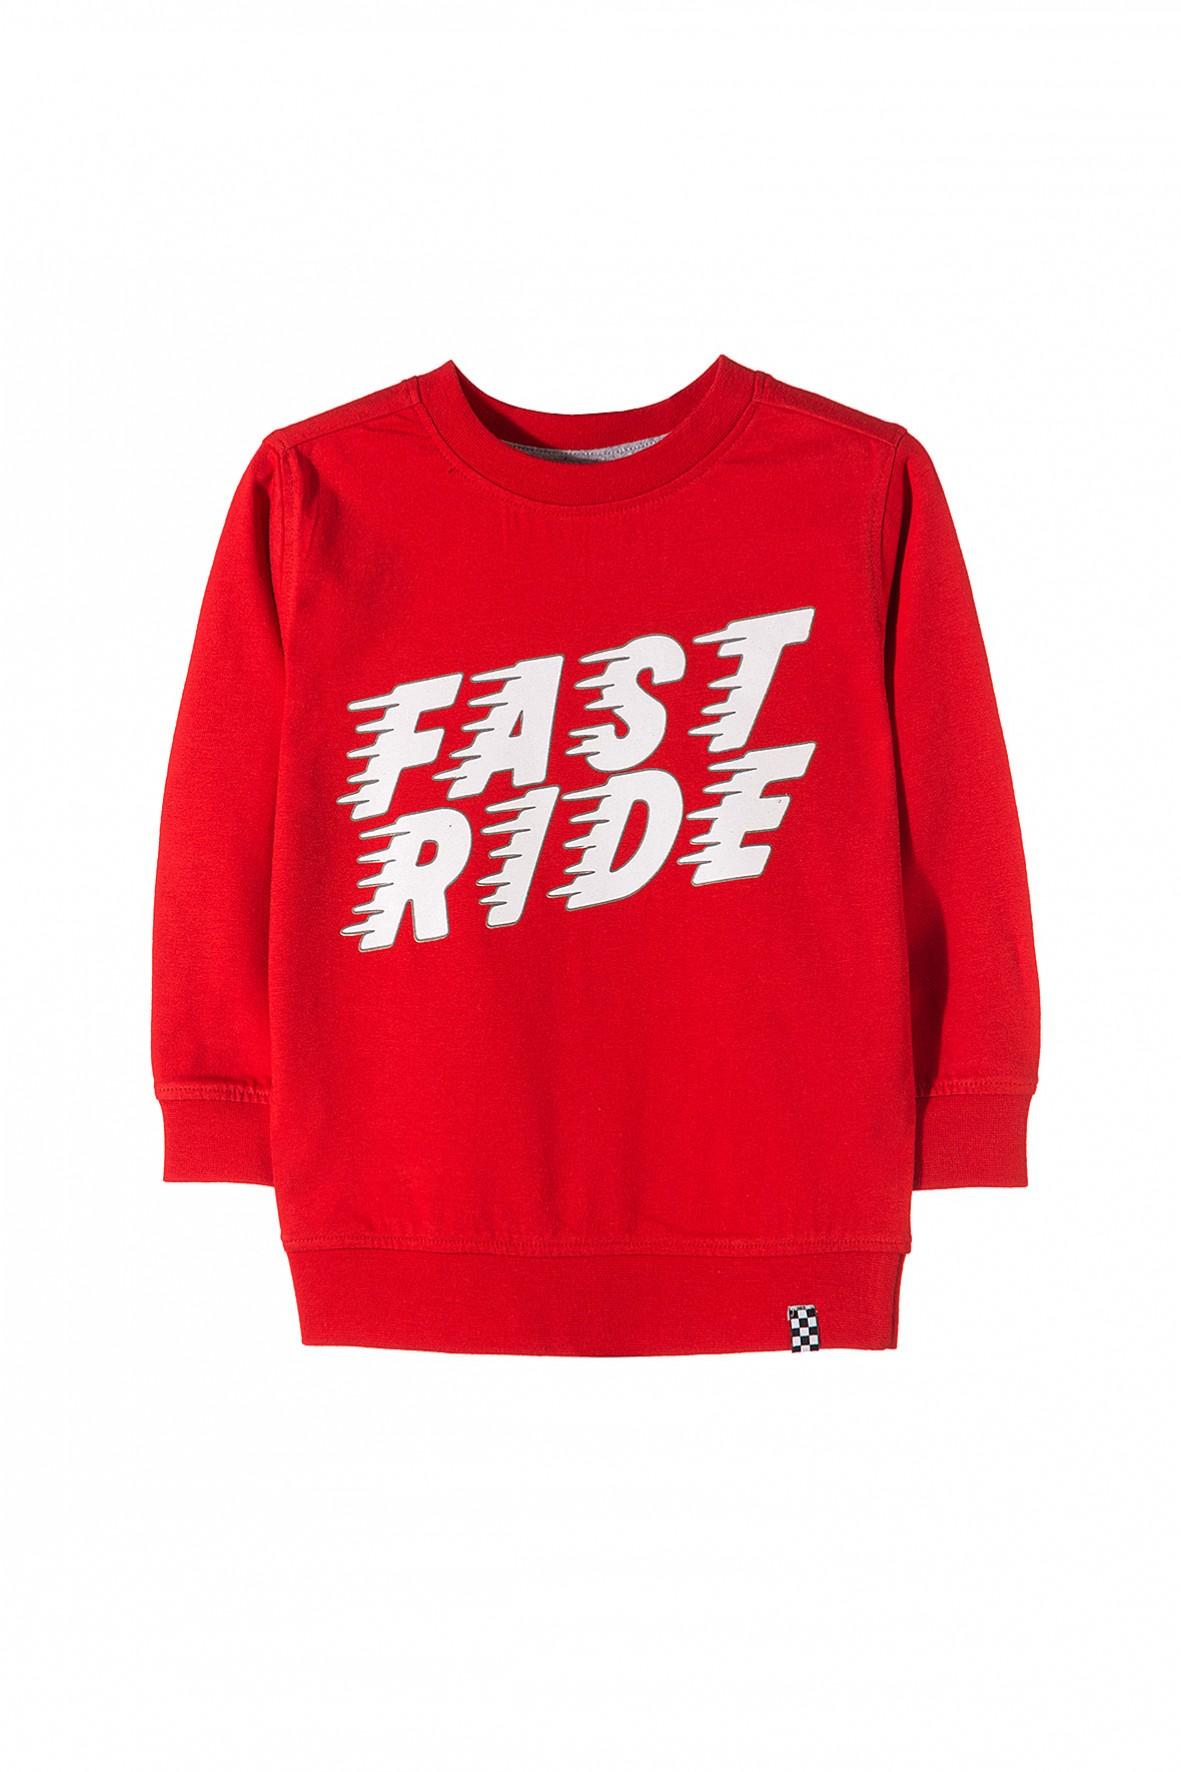 Bluzka czerwona dla chłopca- fast ride